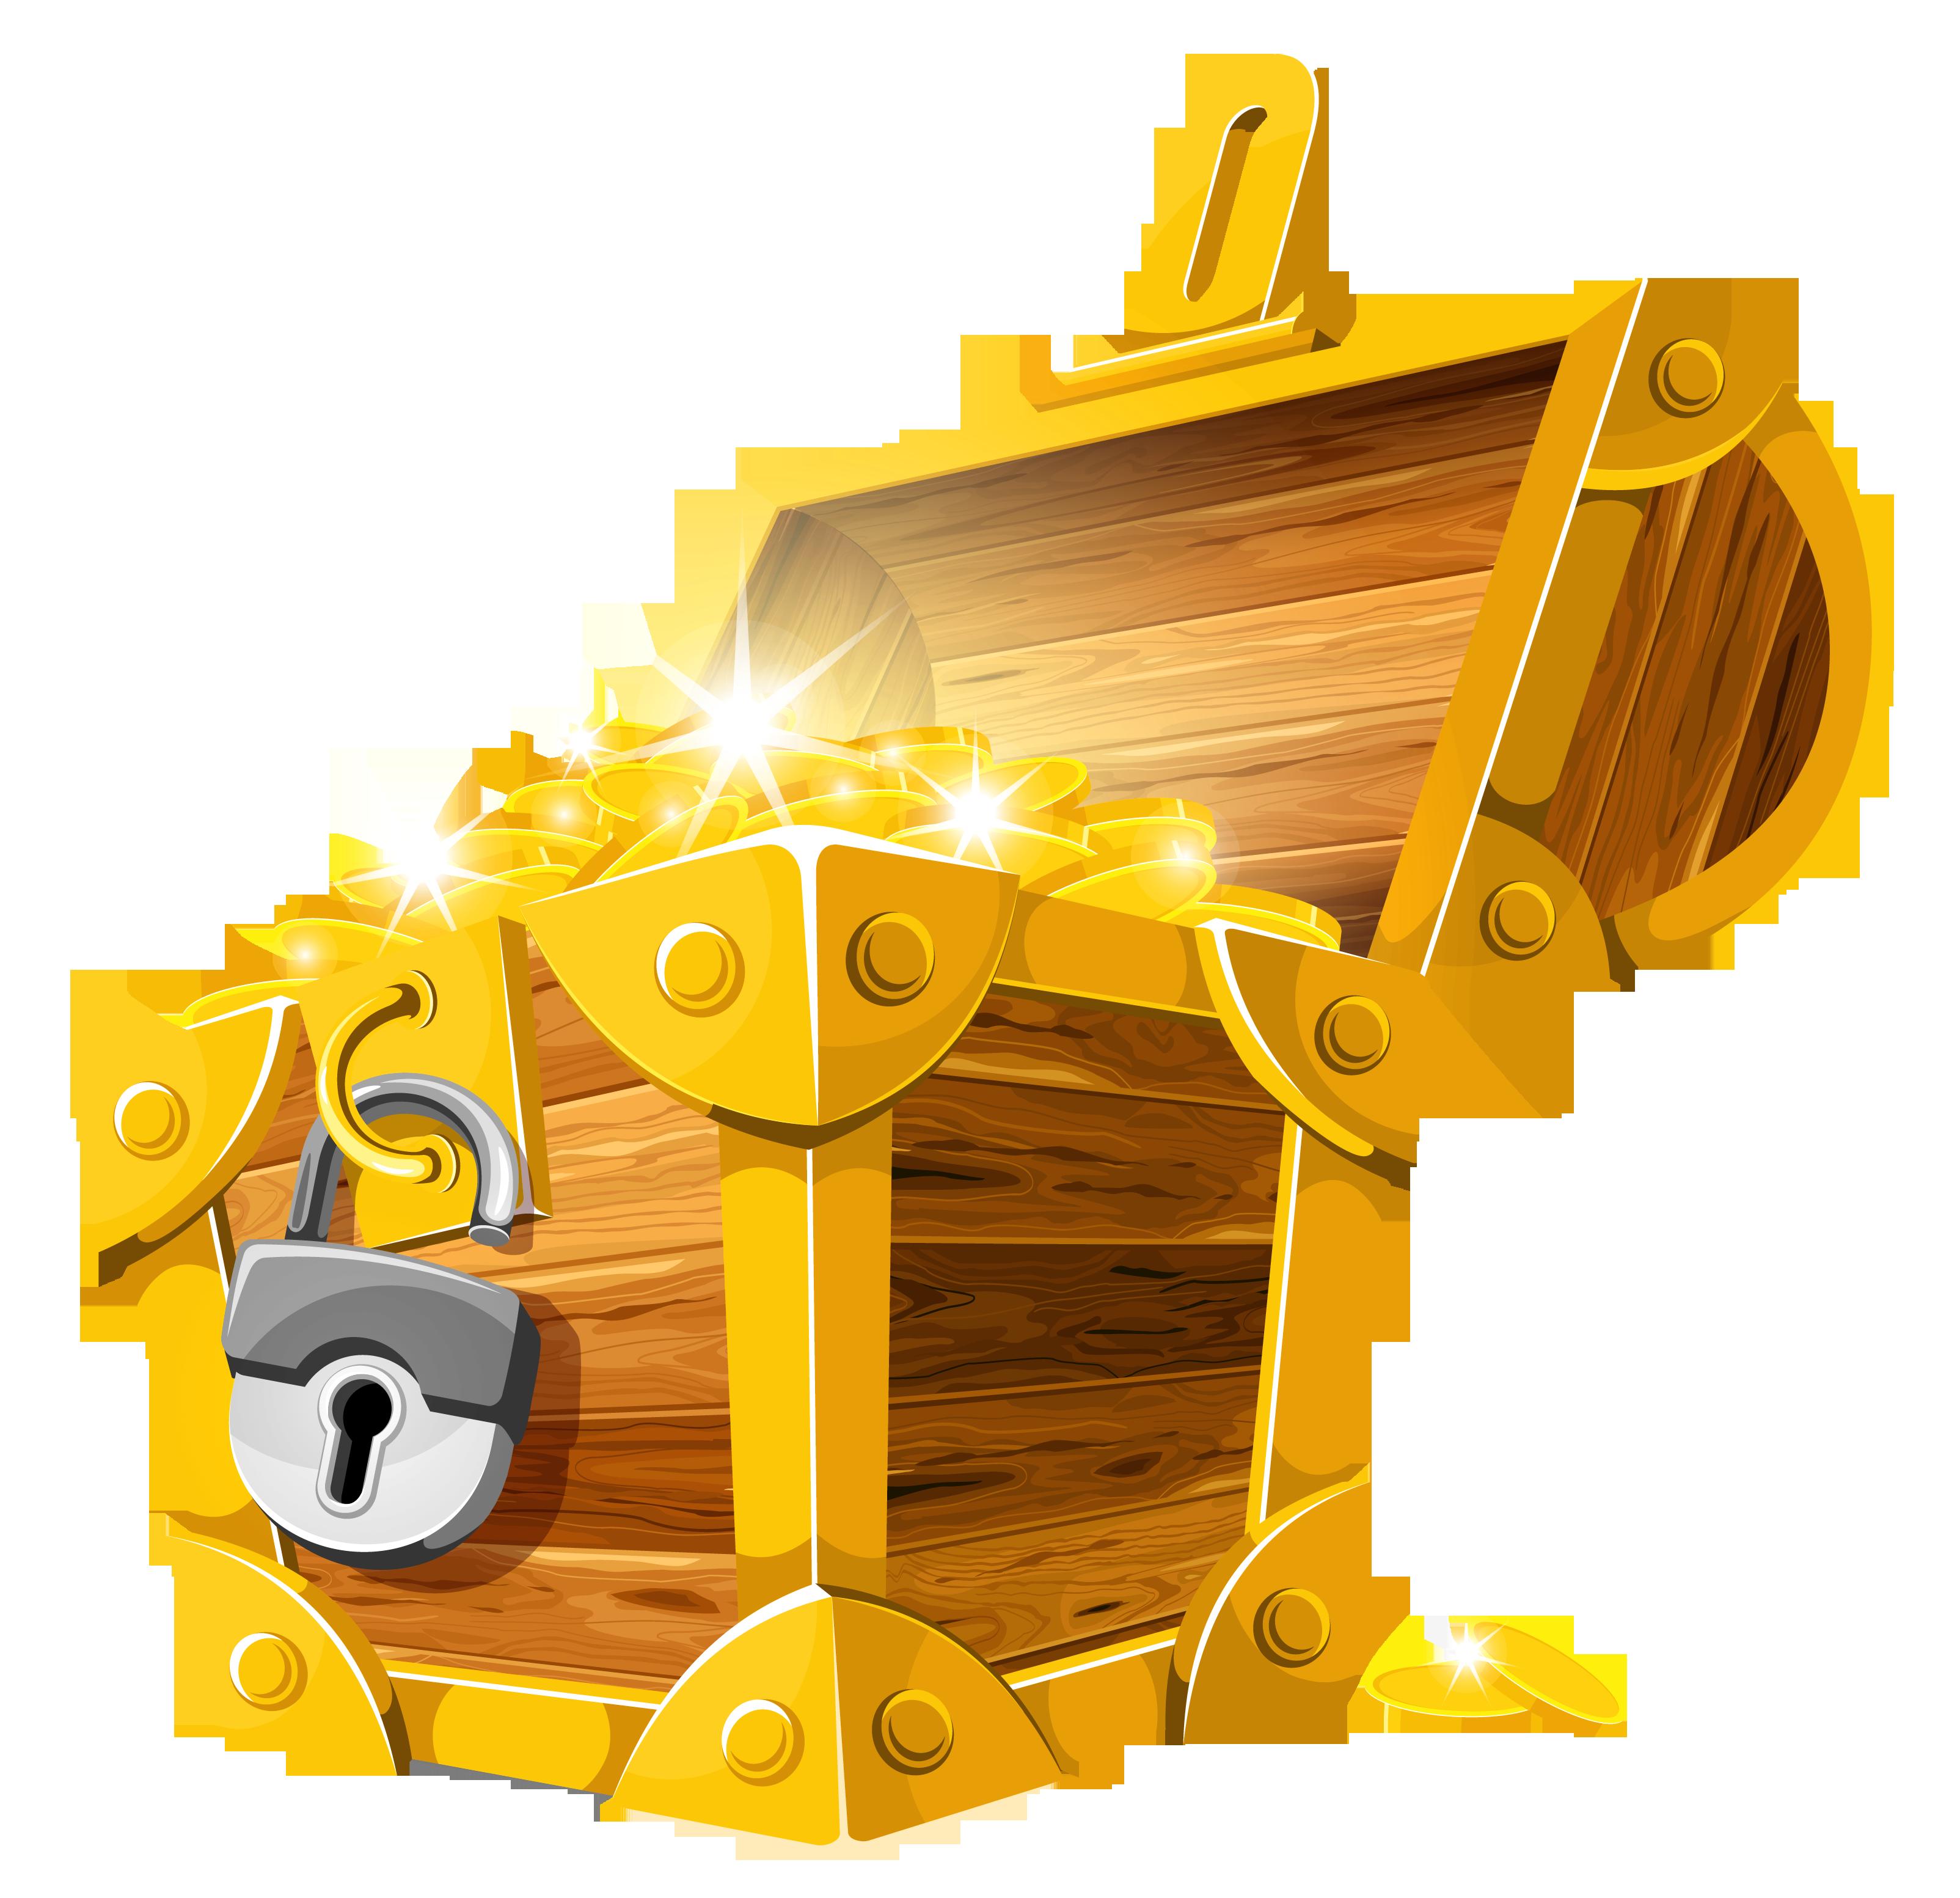 Treasure chest clipart 3